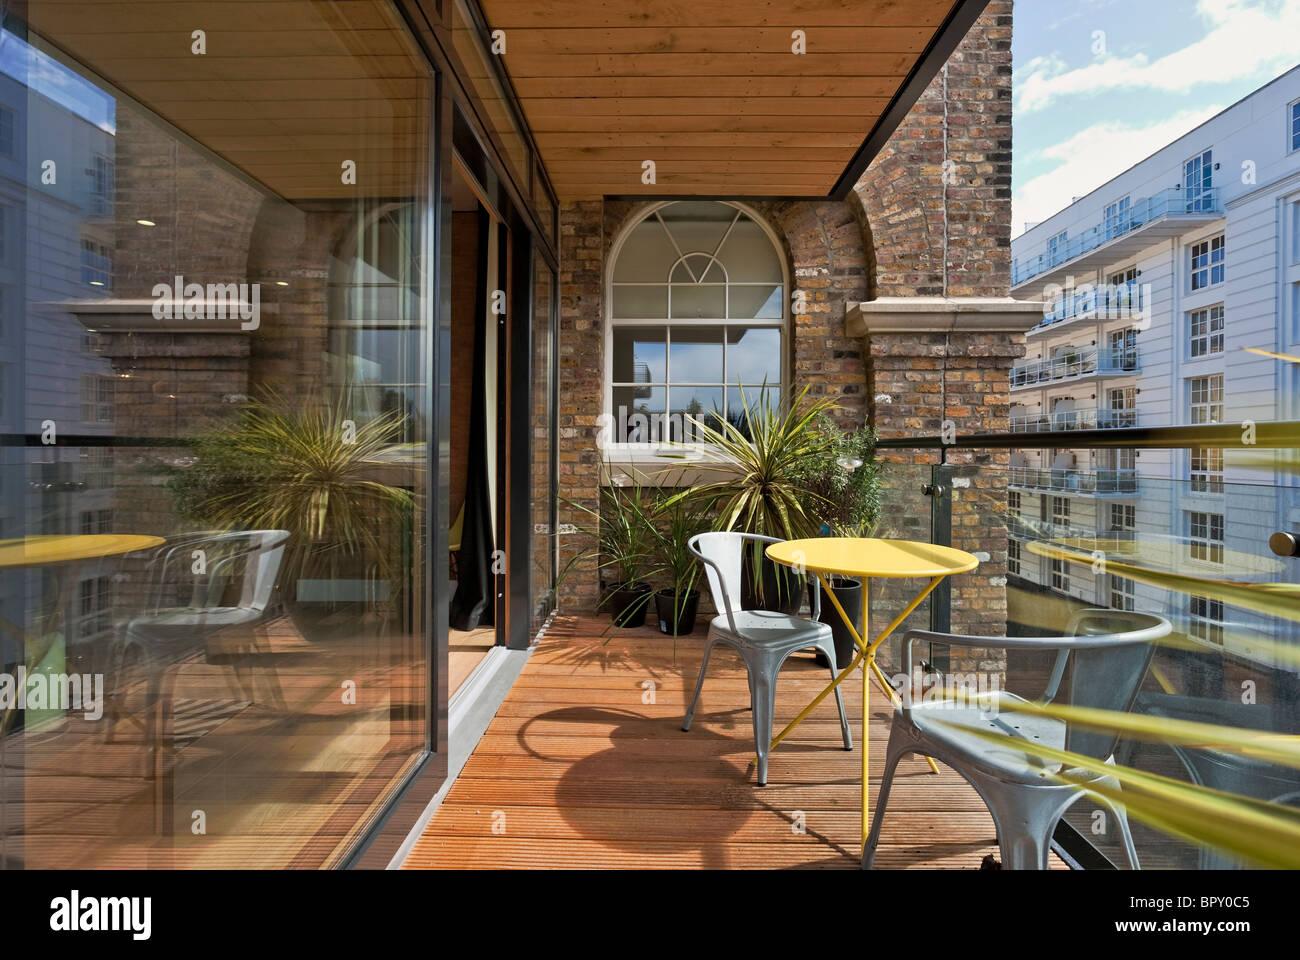 La Henson apartamentos - un desarrollo residencial de lujo denominado después de Jim Henson en el canal, en Imagen De Stock